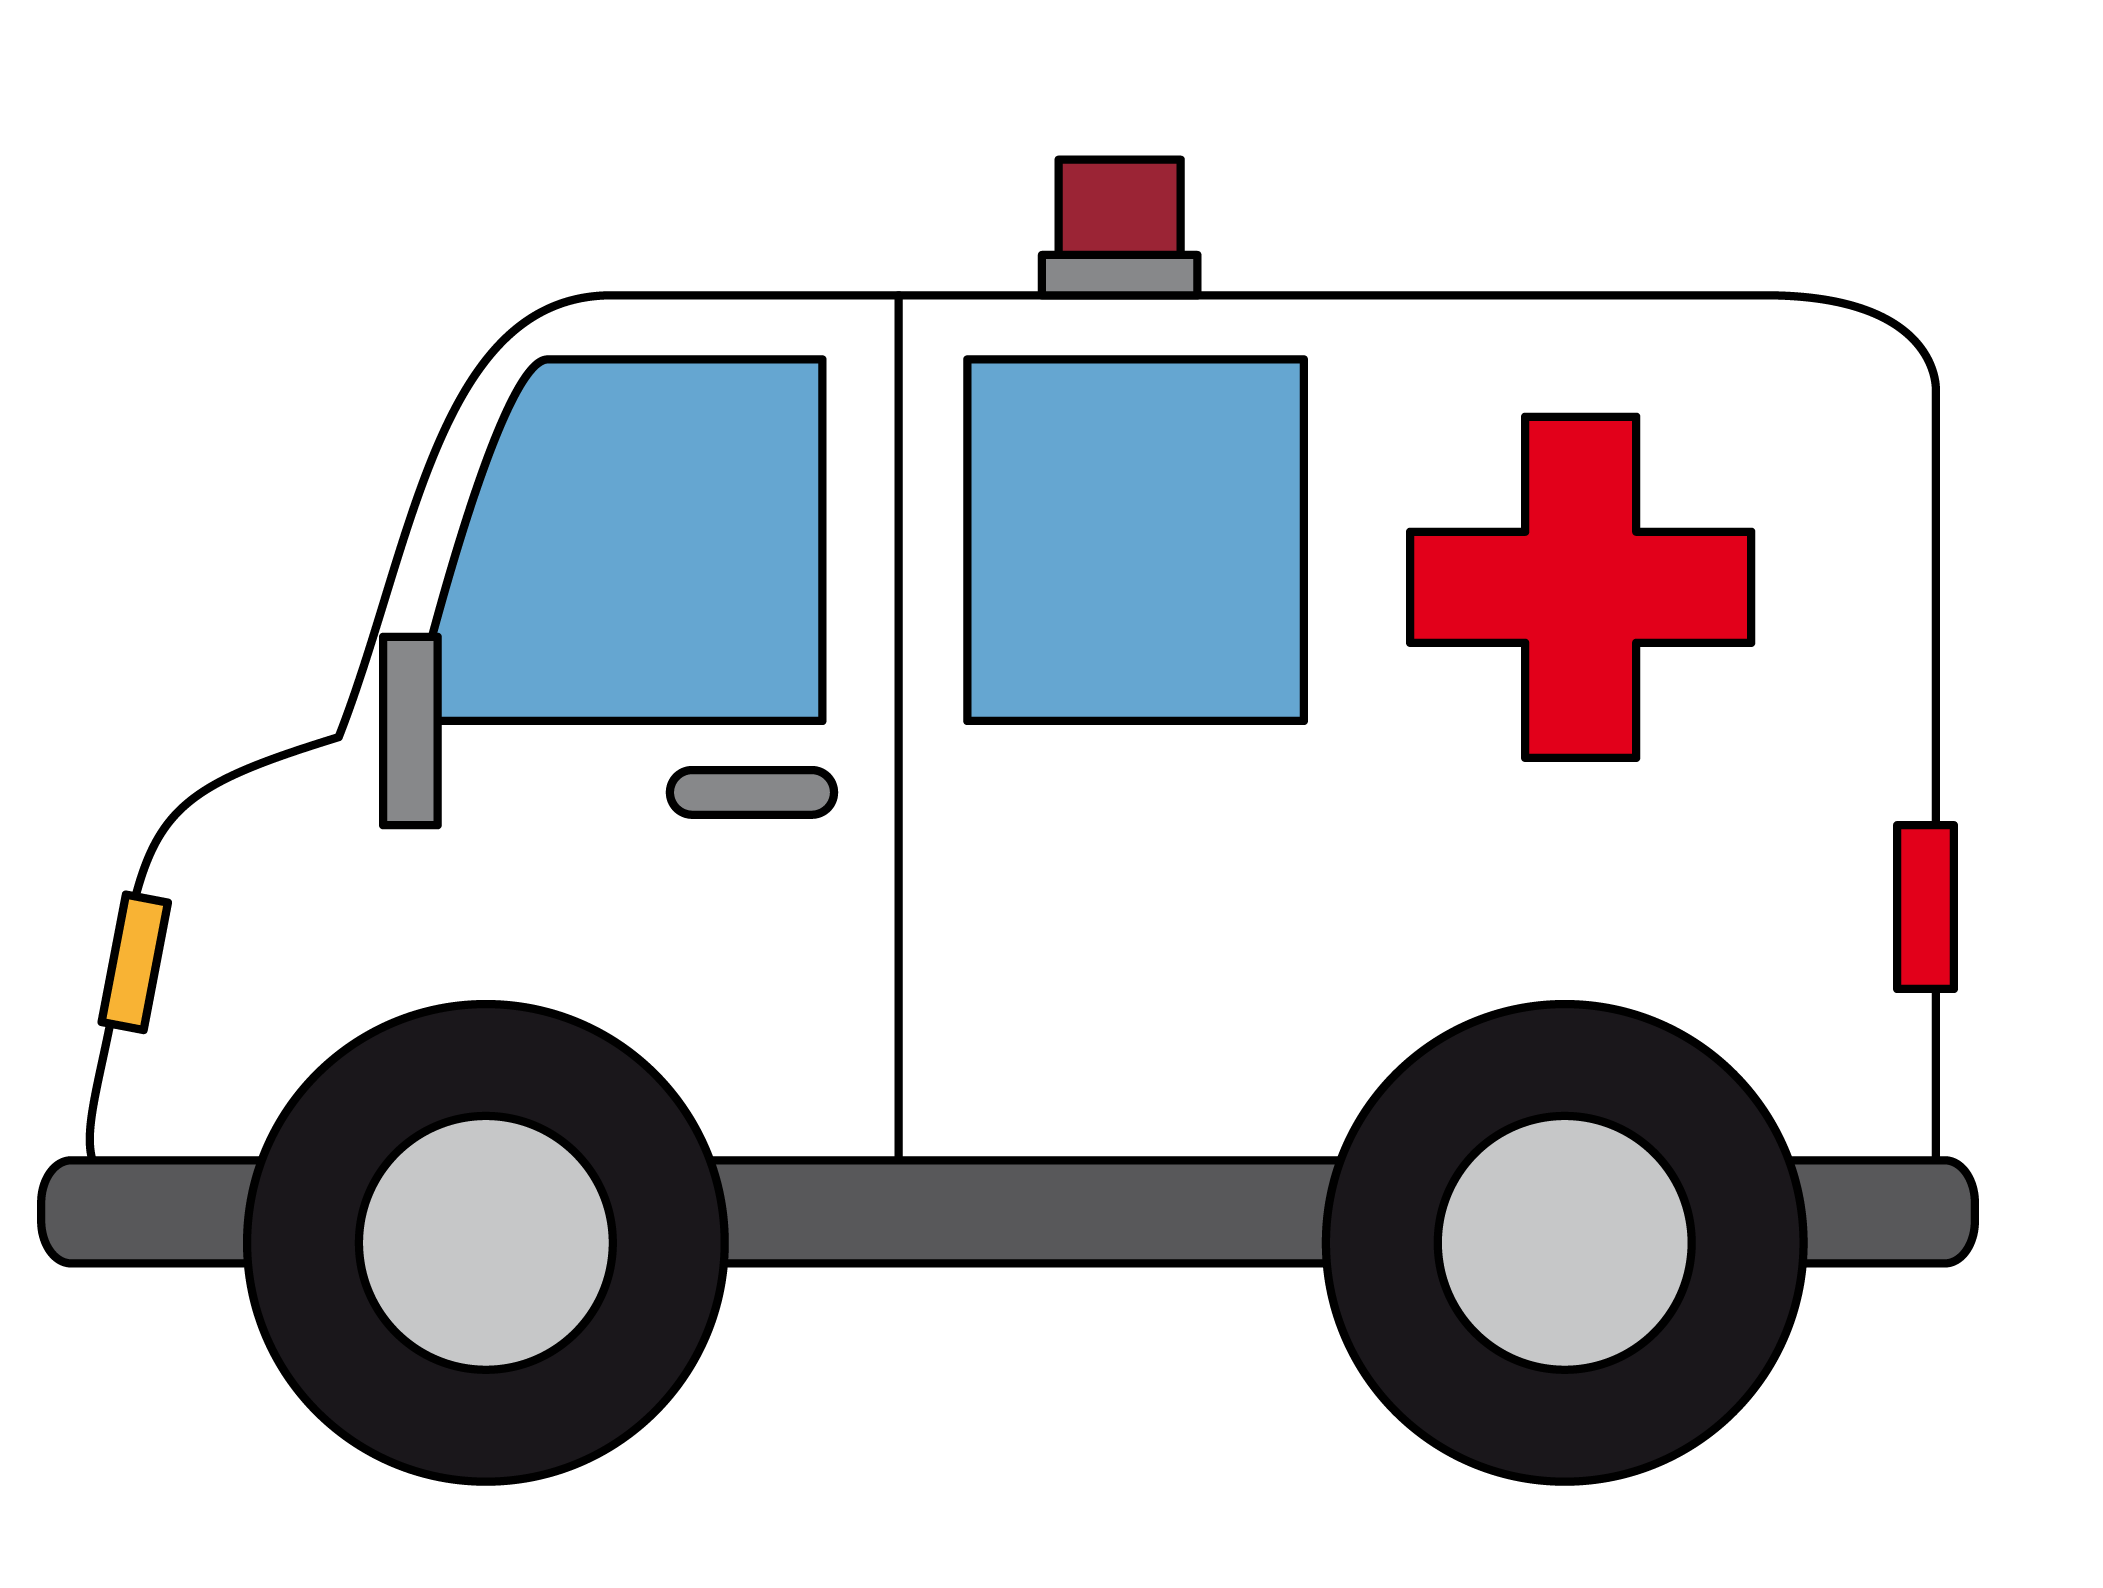 Free Cartoon Ambulance Clip Art u0026mid-Free Cartoon Ambulance Clip Art u0026middot; ambulance7-0